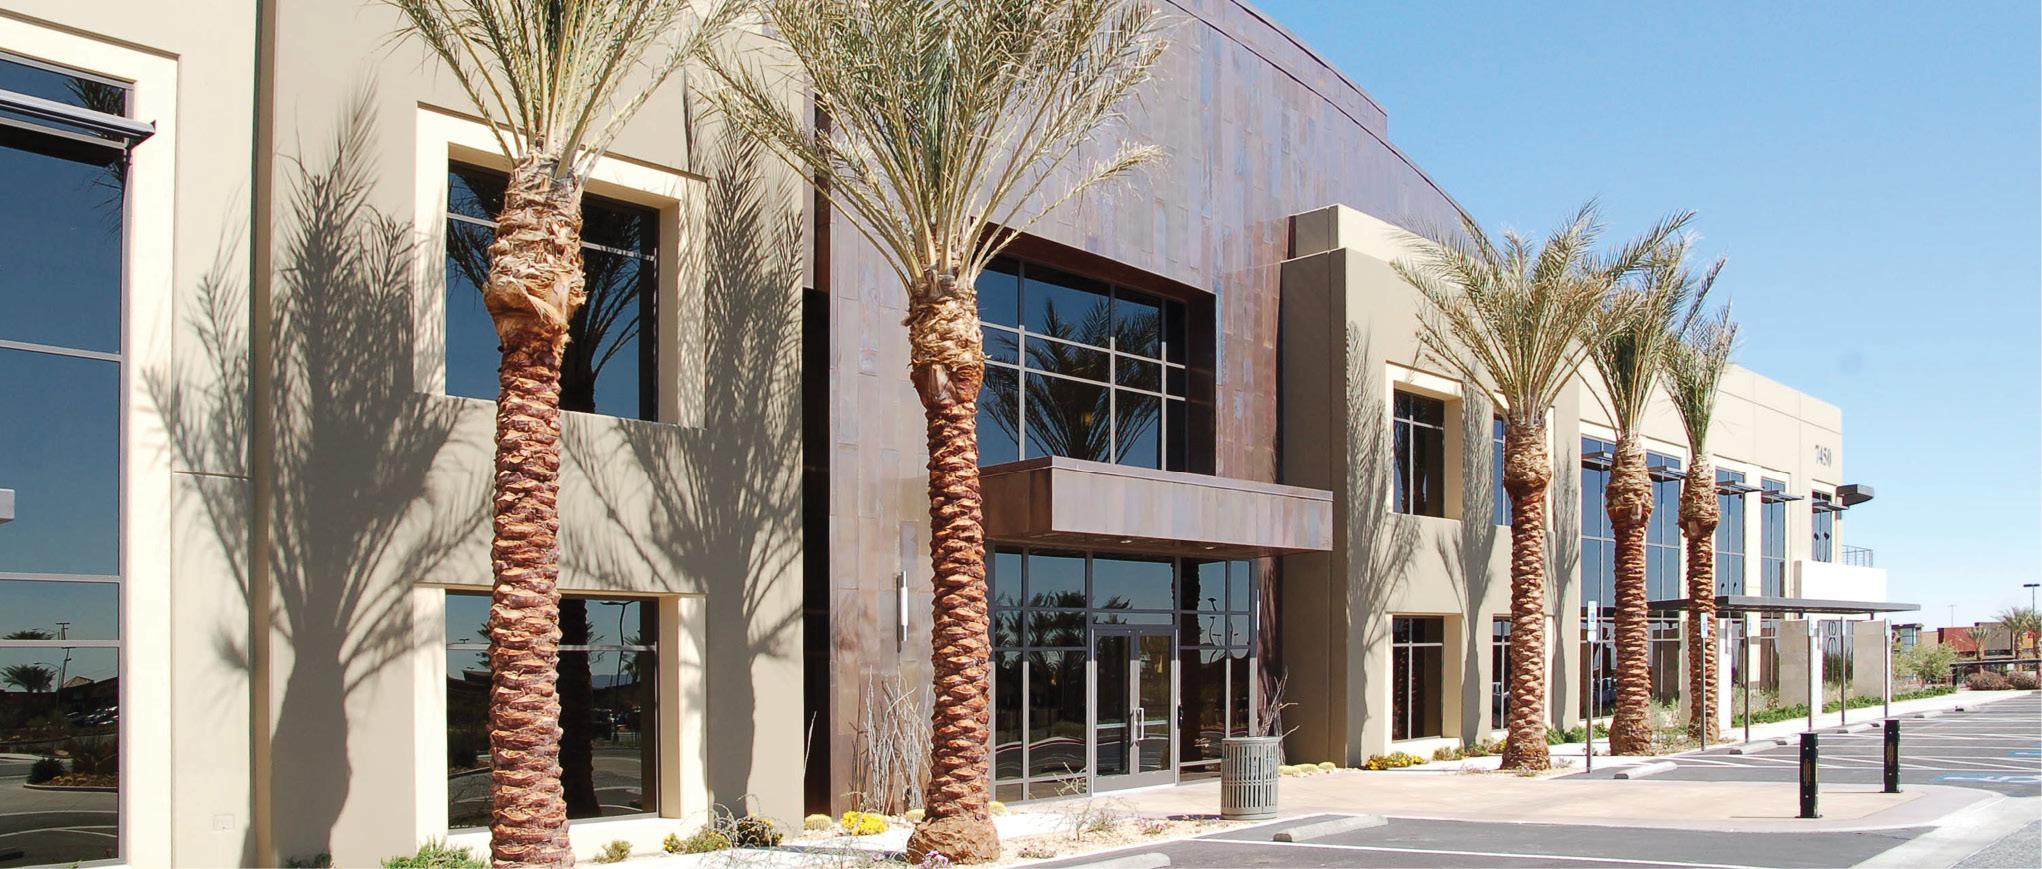 Arroyo Corporate Center